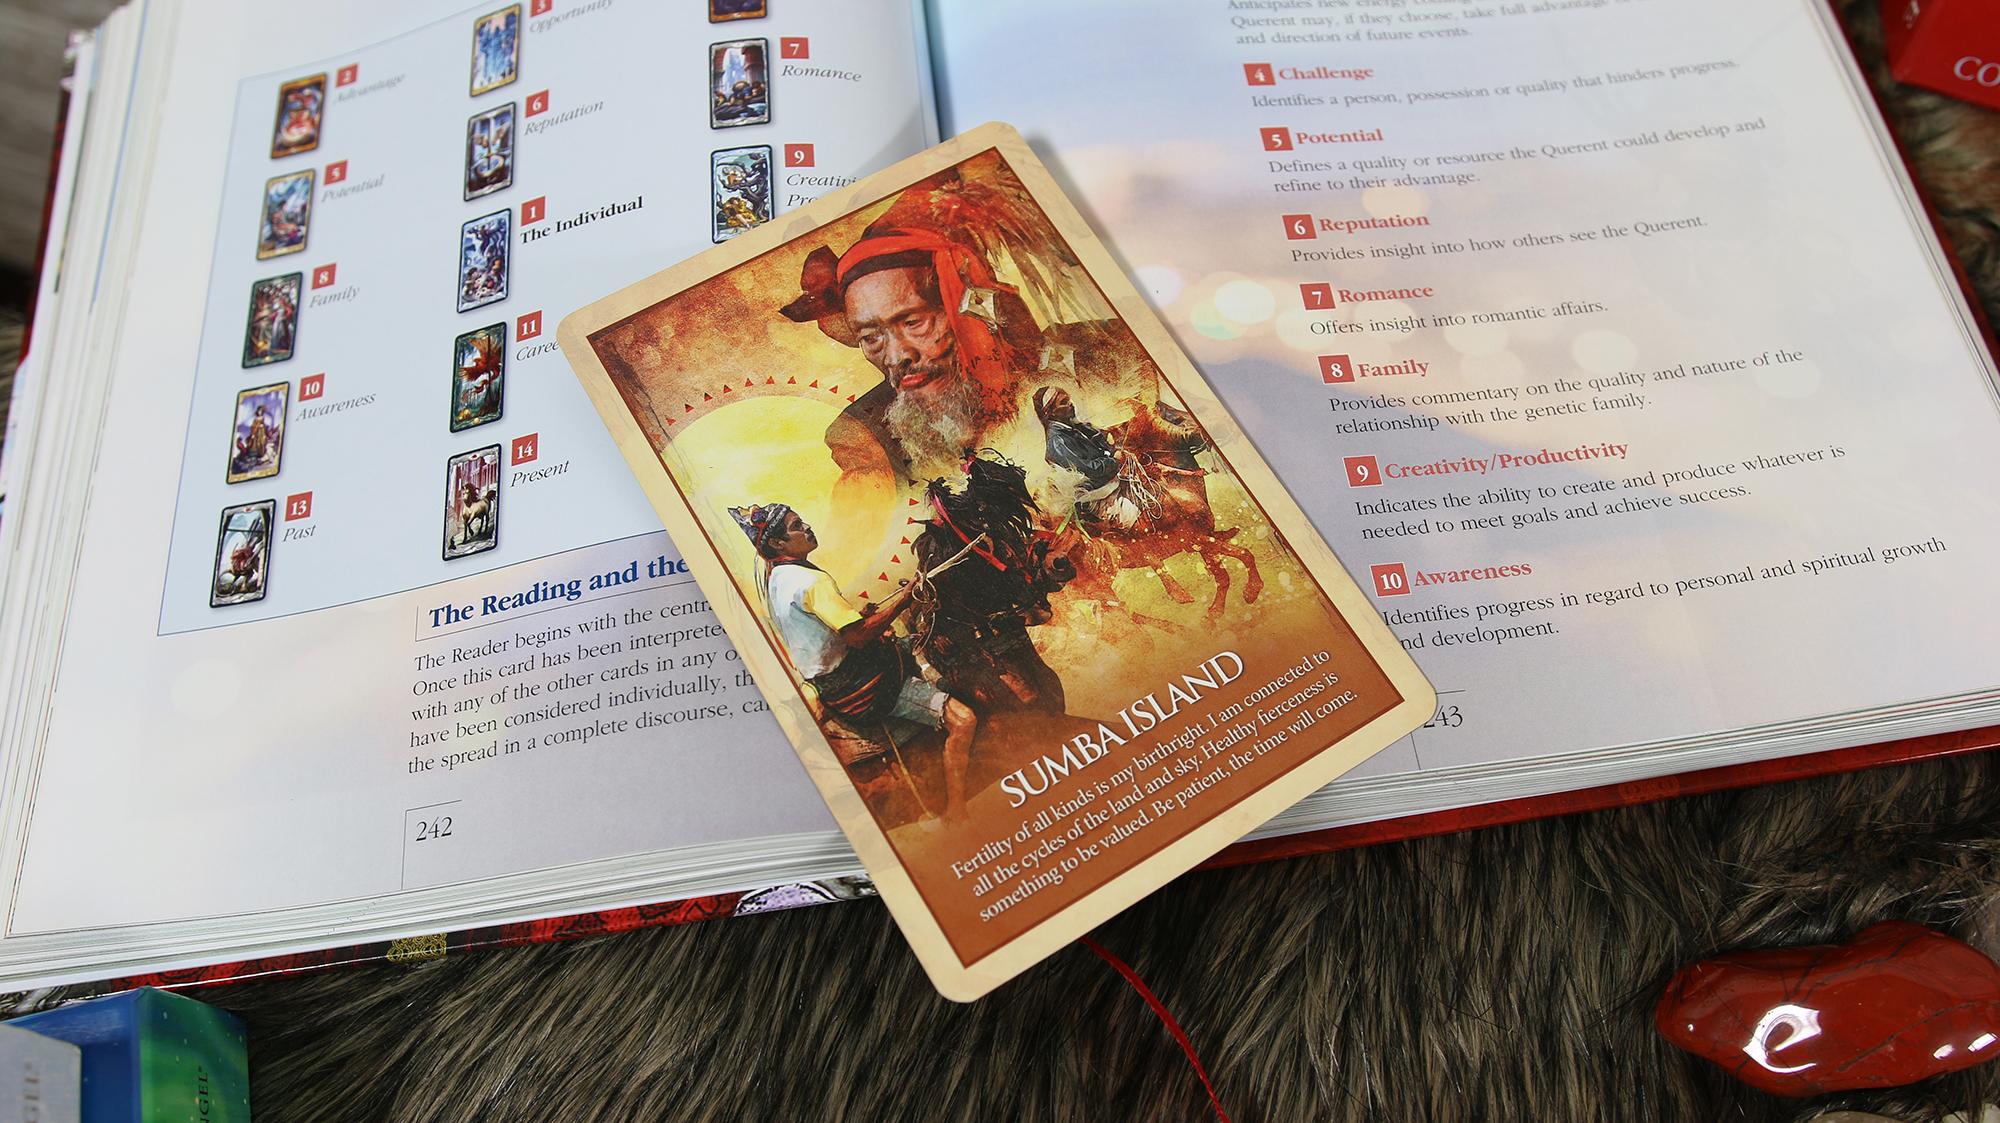 Ảnh: Nguyễn Hiếy Bộ bài: Earth Power Oracle Cards